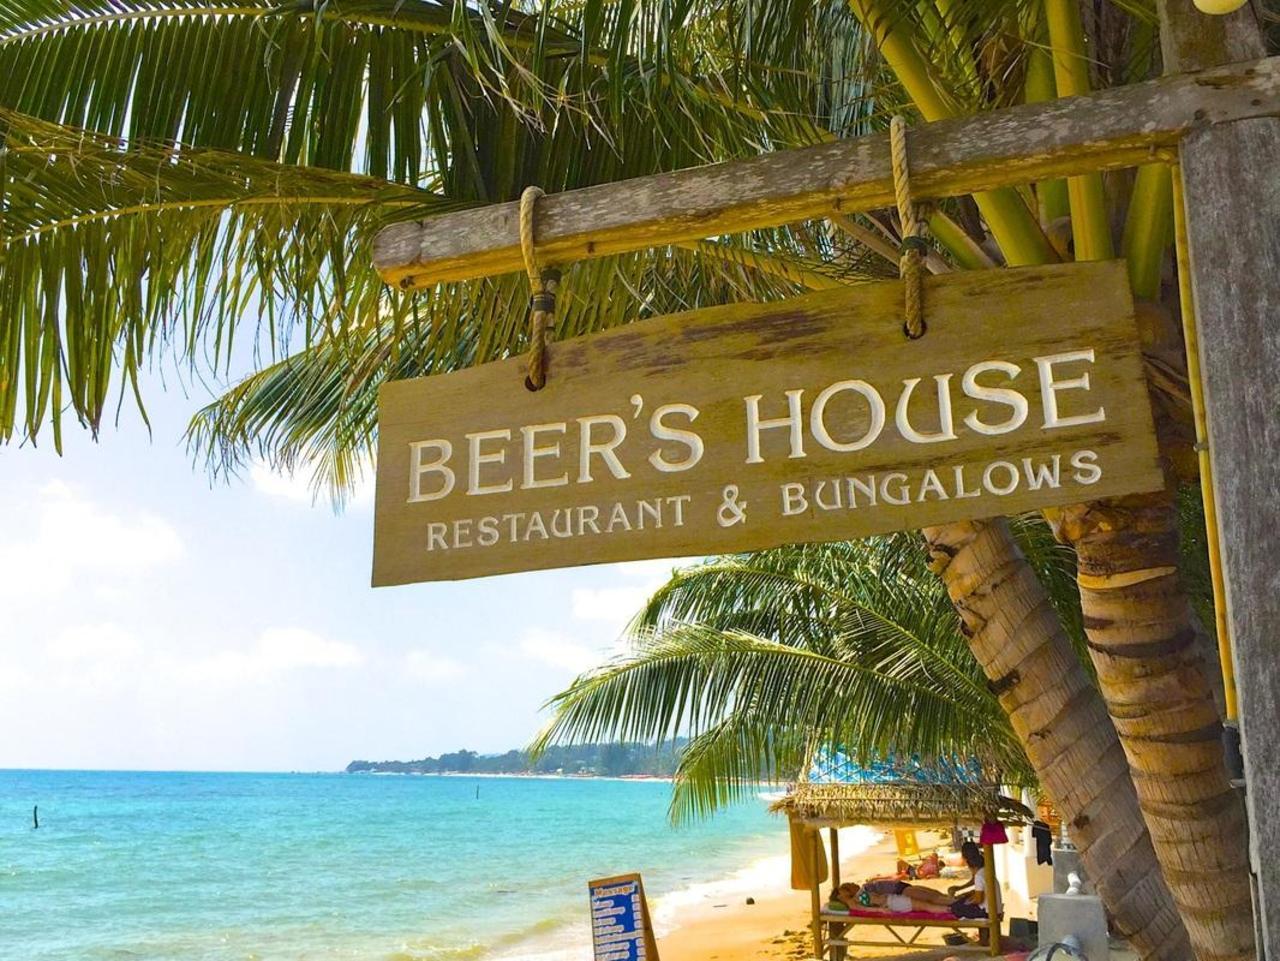 เบียร เฮาส์ บังกะโล (Beer House Bungalow)